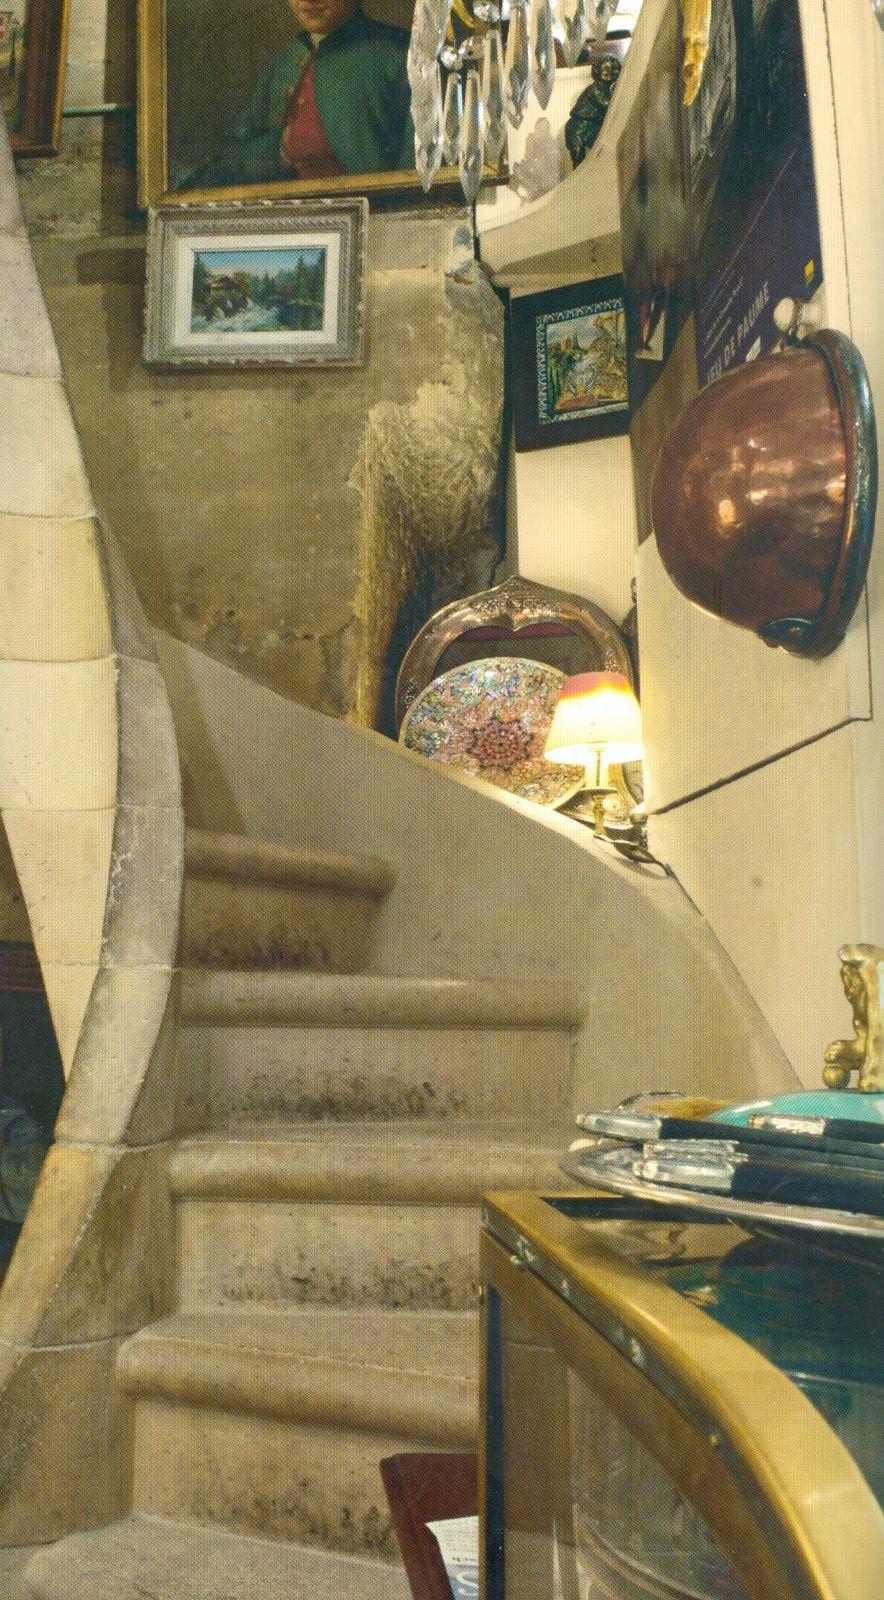 Escalier reconstruit selon un modèle de l'époque de la construction de la boutique.